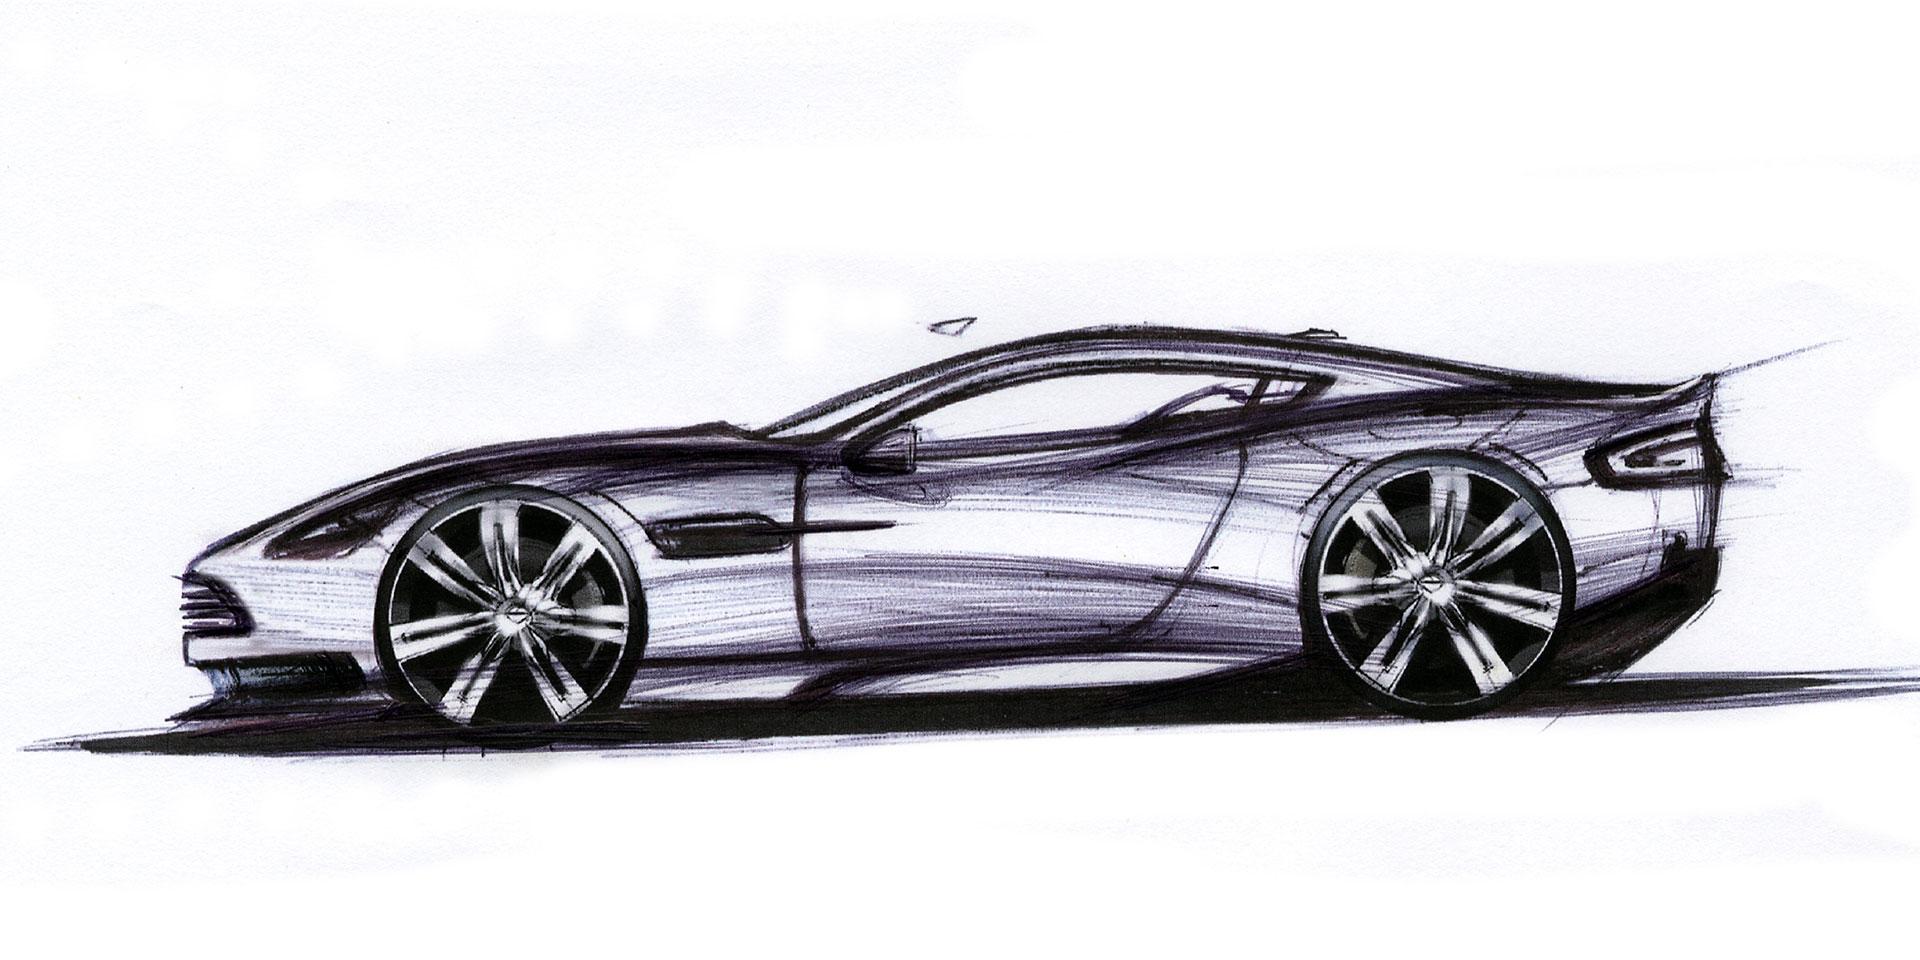 Aston Martin Dbs Casino Royale 007 Car Design Sketch